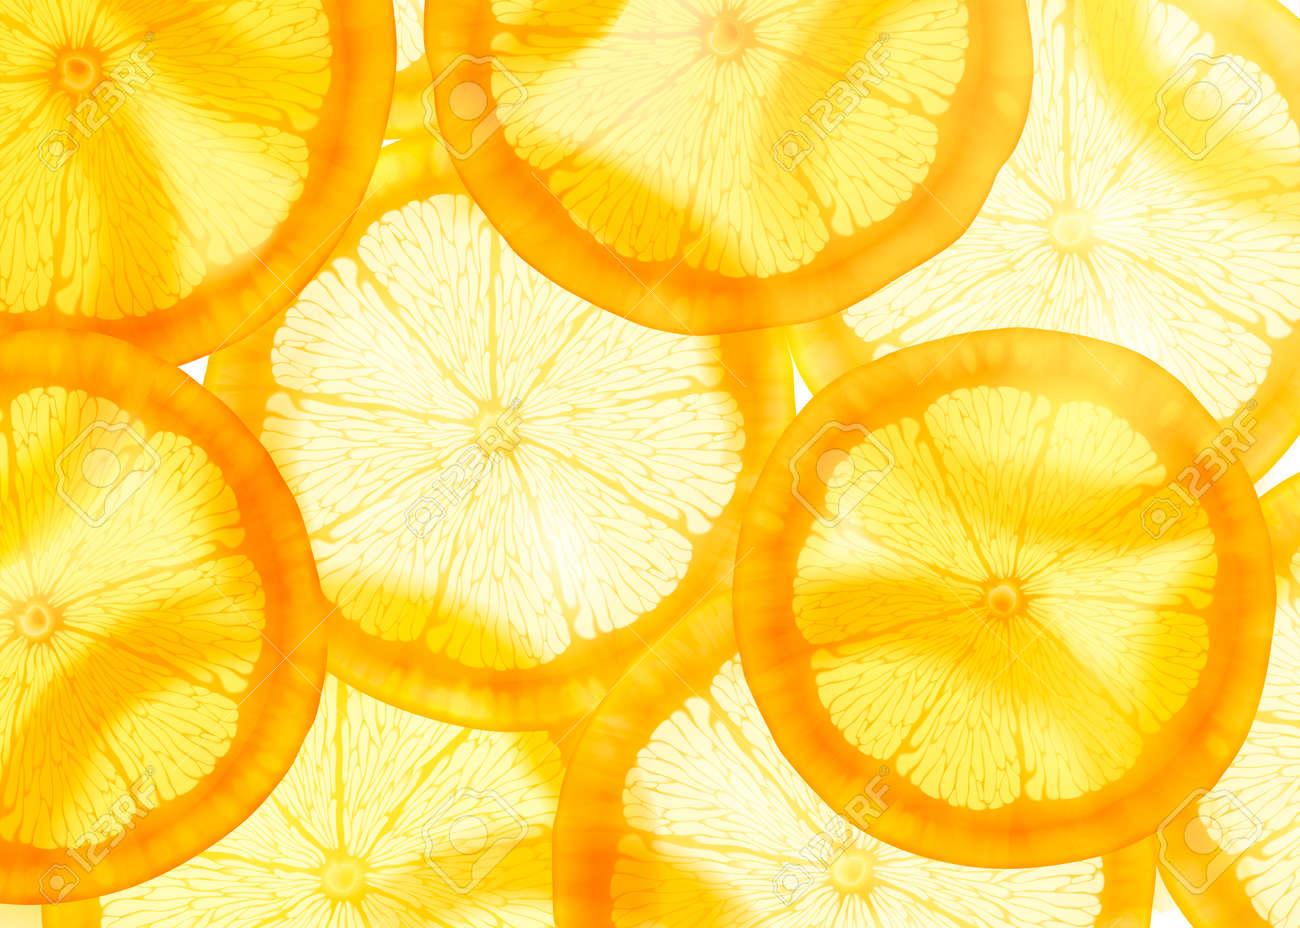 Translucent sliced orange background for design uses - 109897966